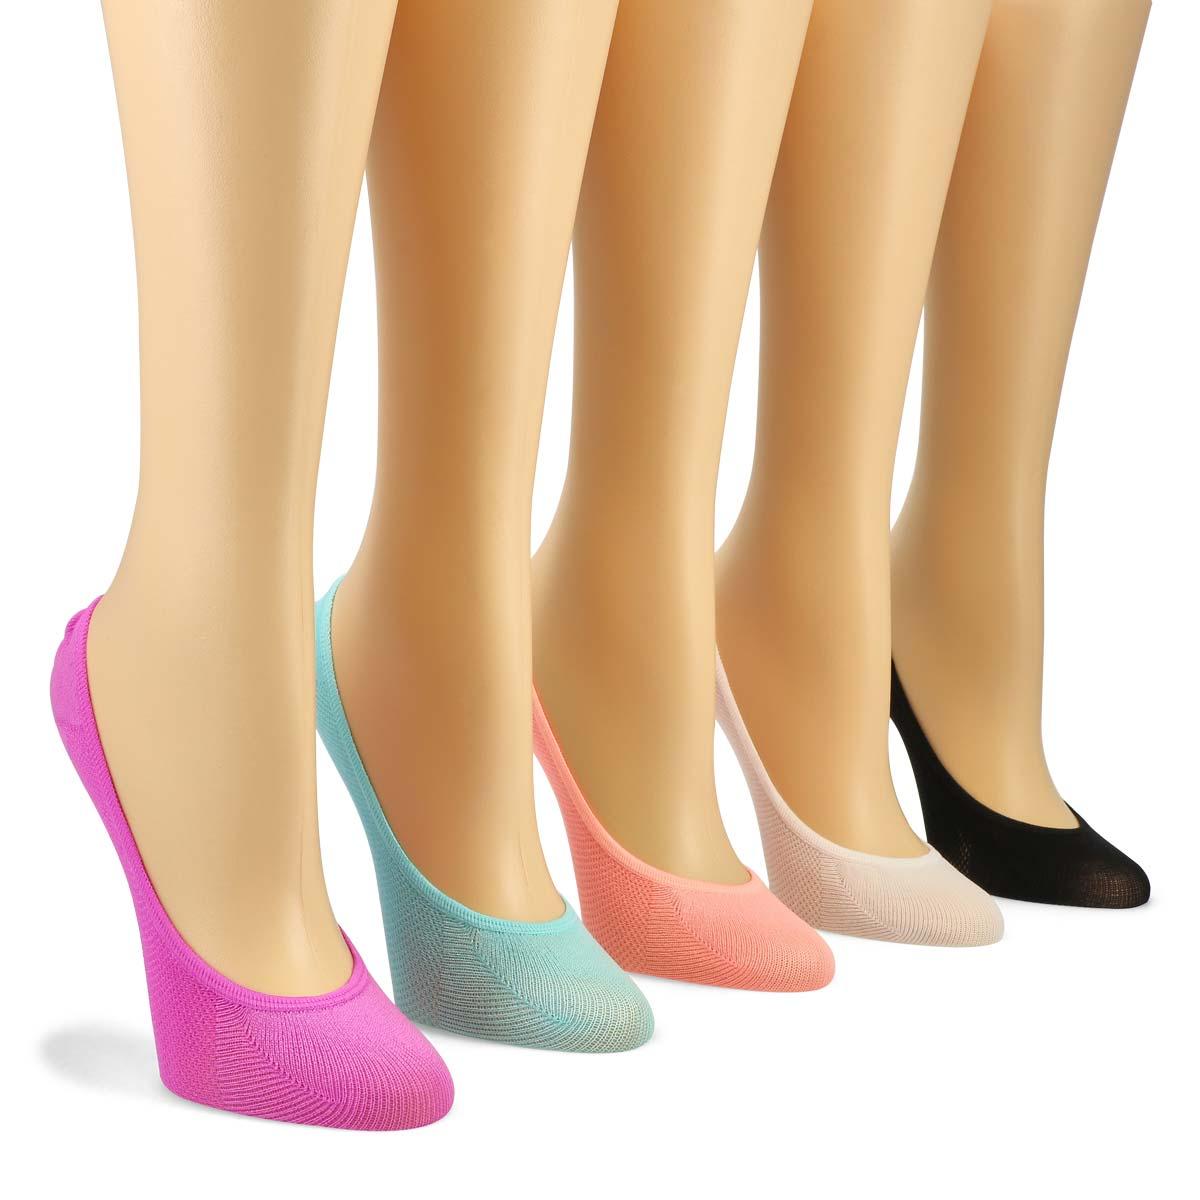 Socquettes SUPERLOW LINER, femme - 5 paires